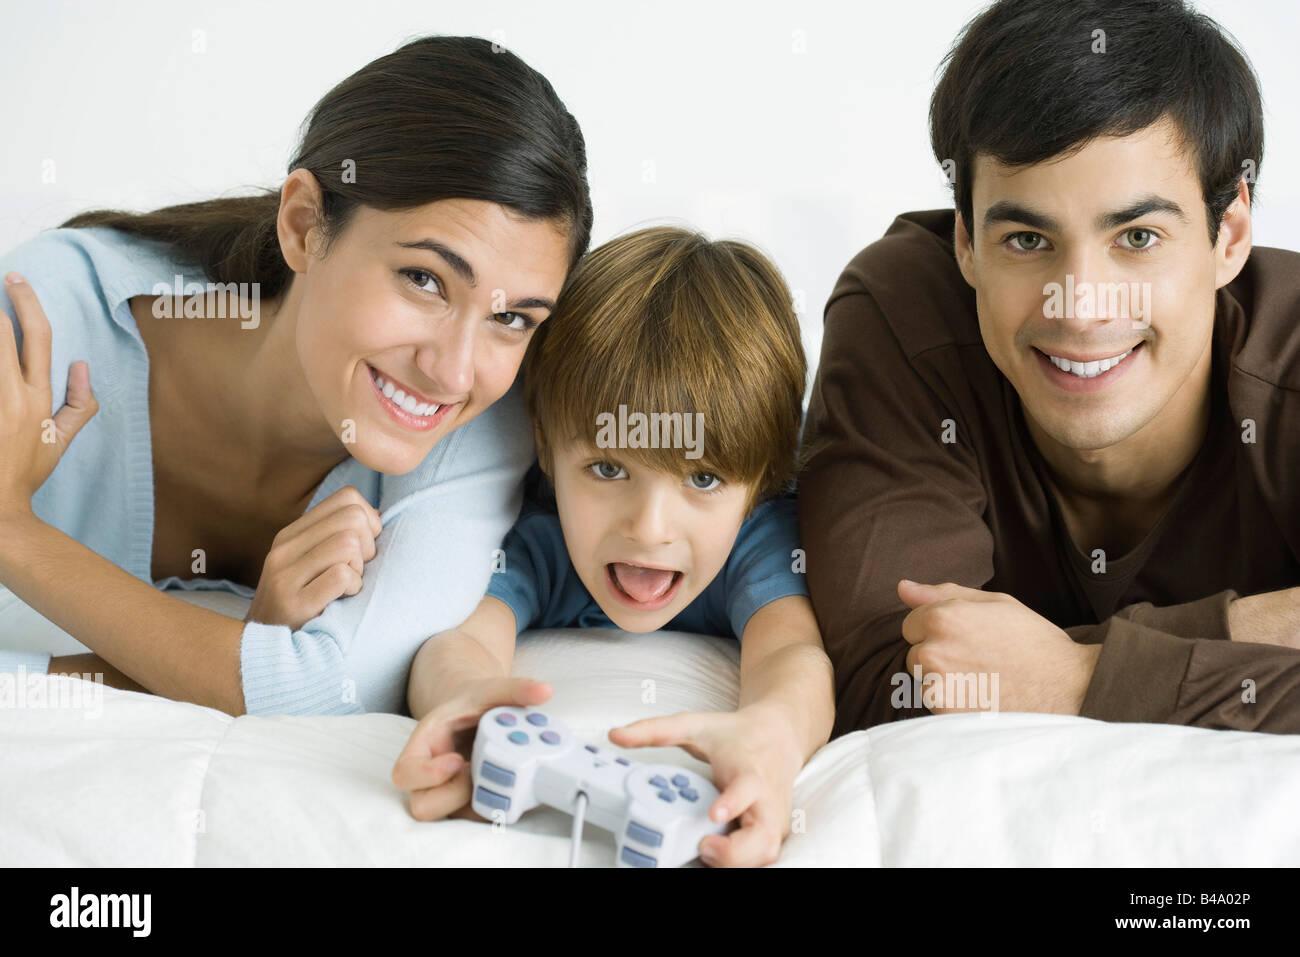 Kleiner Junge Videospiel, Eltern beobachten Stockbild